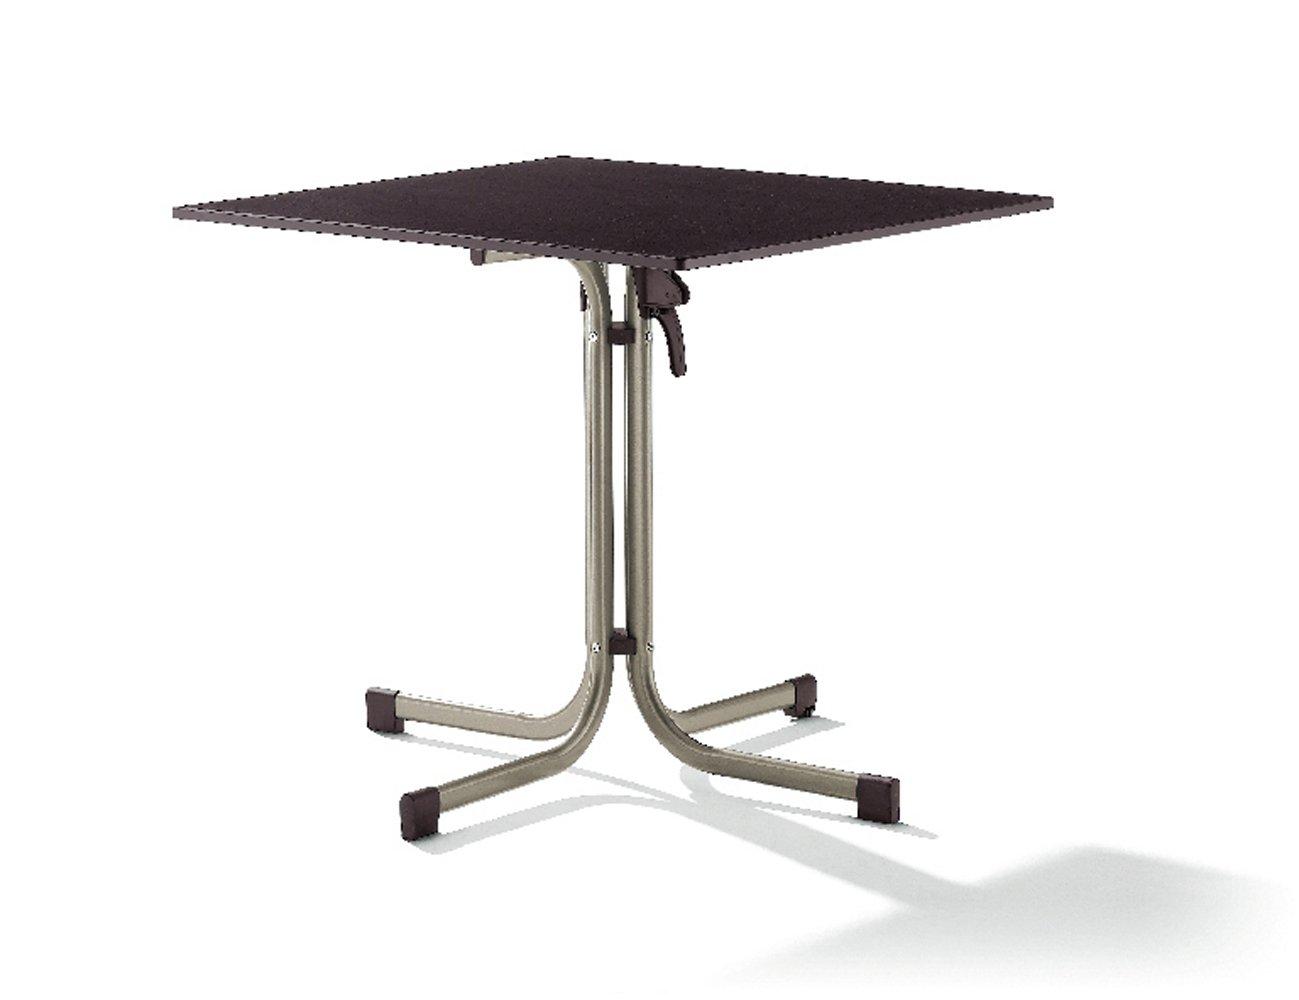 Sieger 1330-60 Gastro-Tisch mit Puroplan-Platte 80 x 80 cm, Stahlrohrgestell champagner, Tischplatte Schieferdekor mocca jetzt bestellen